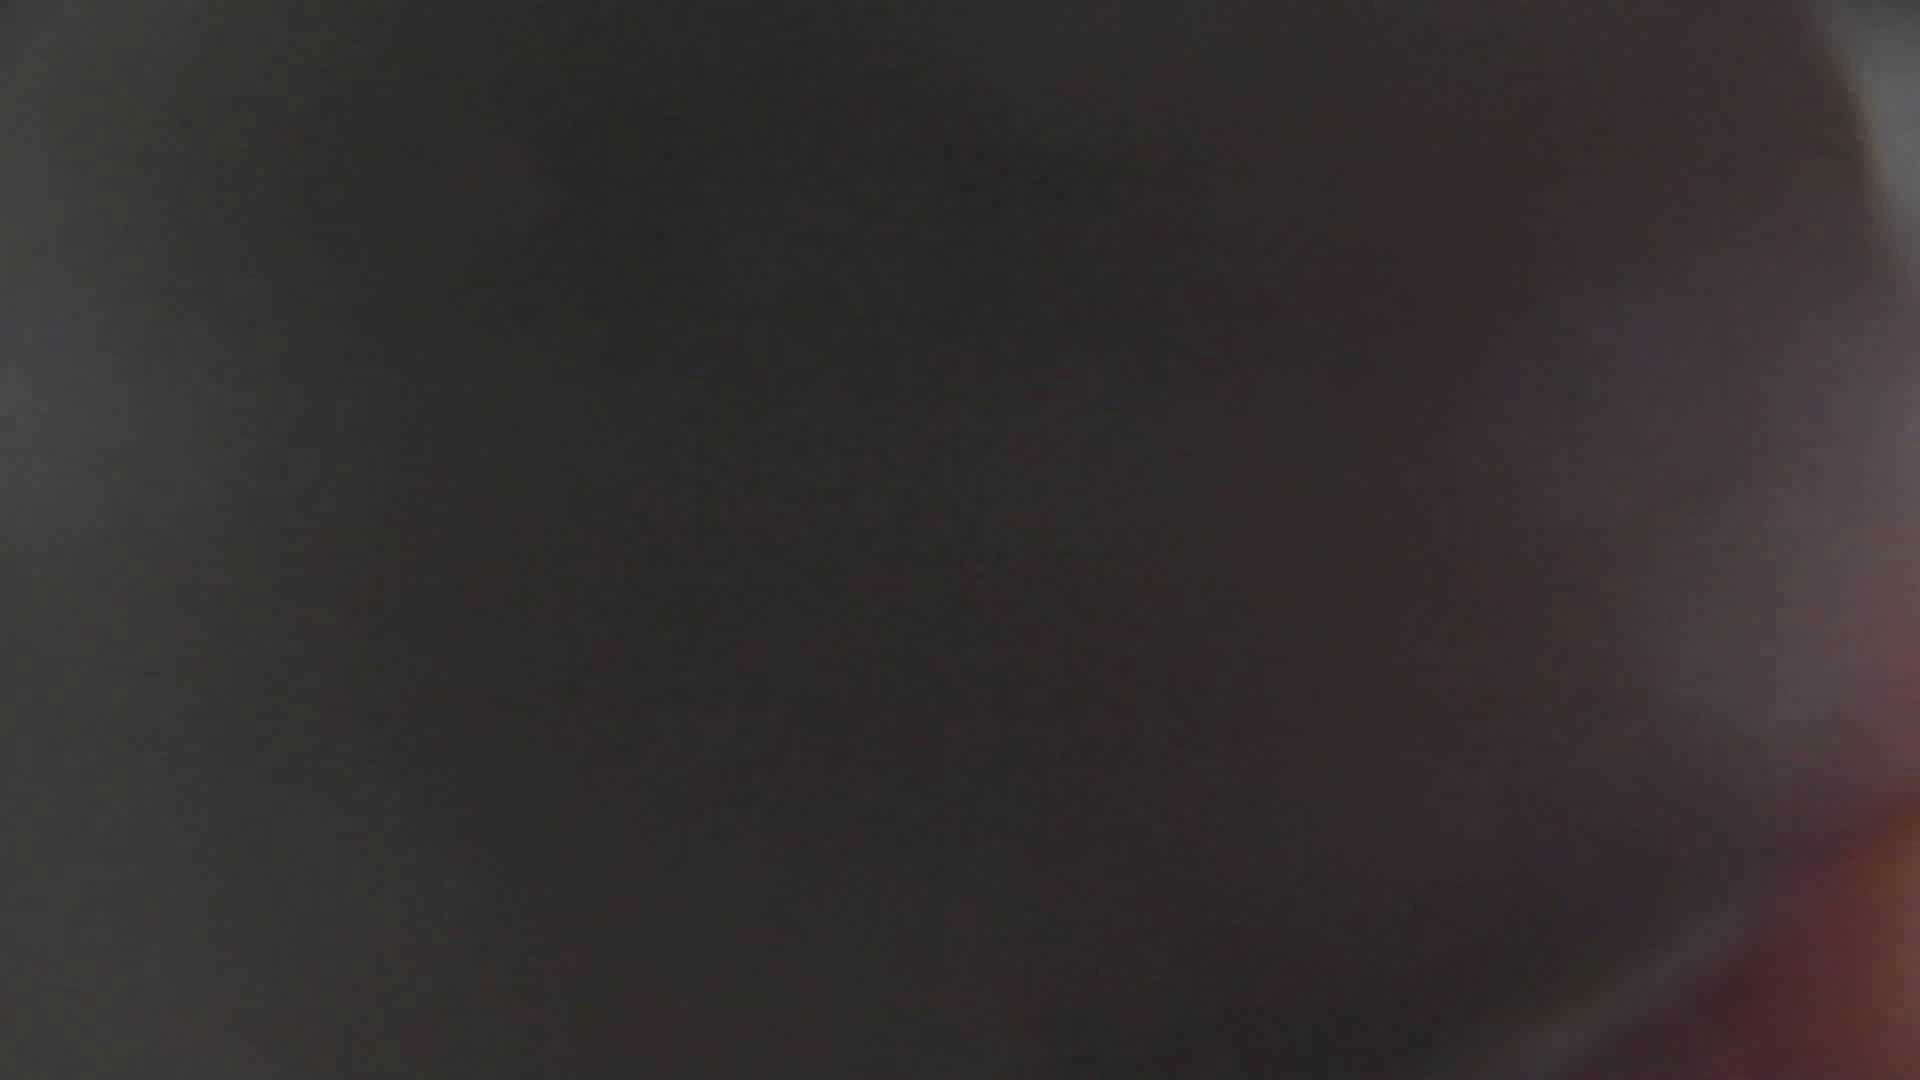 【美しき個室な世界】 vol.018 ピンクのおネエタン OLの実態  52pic 40